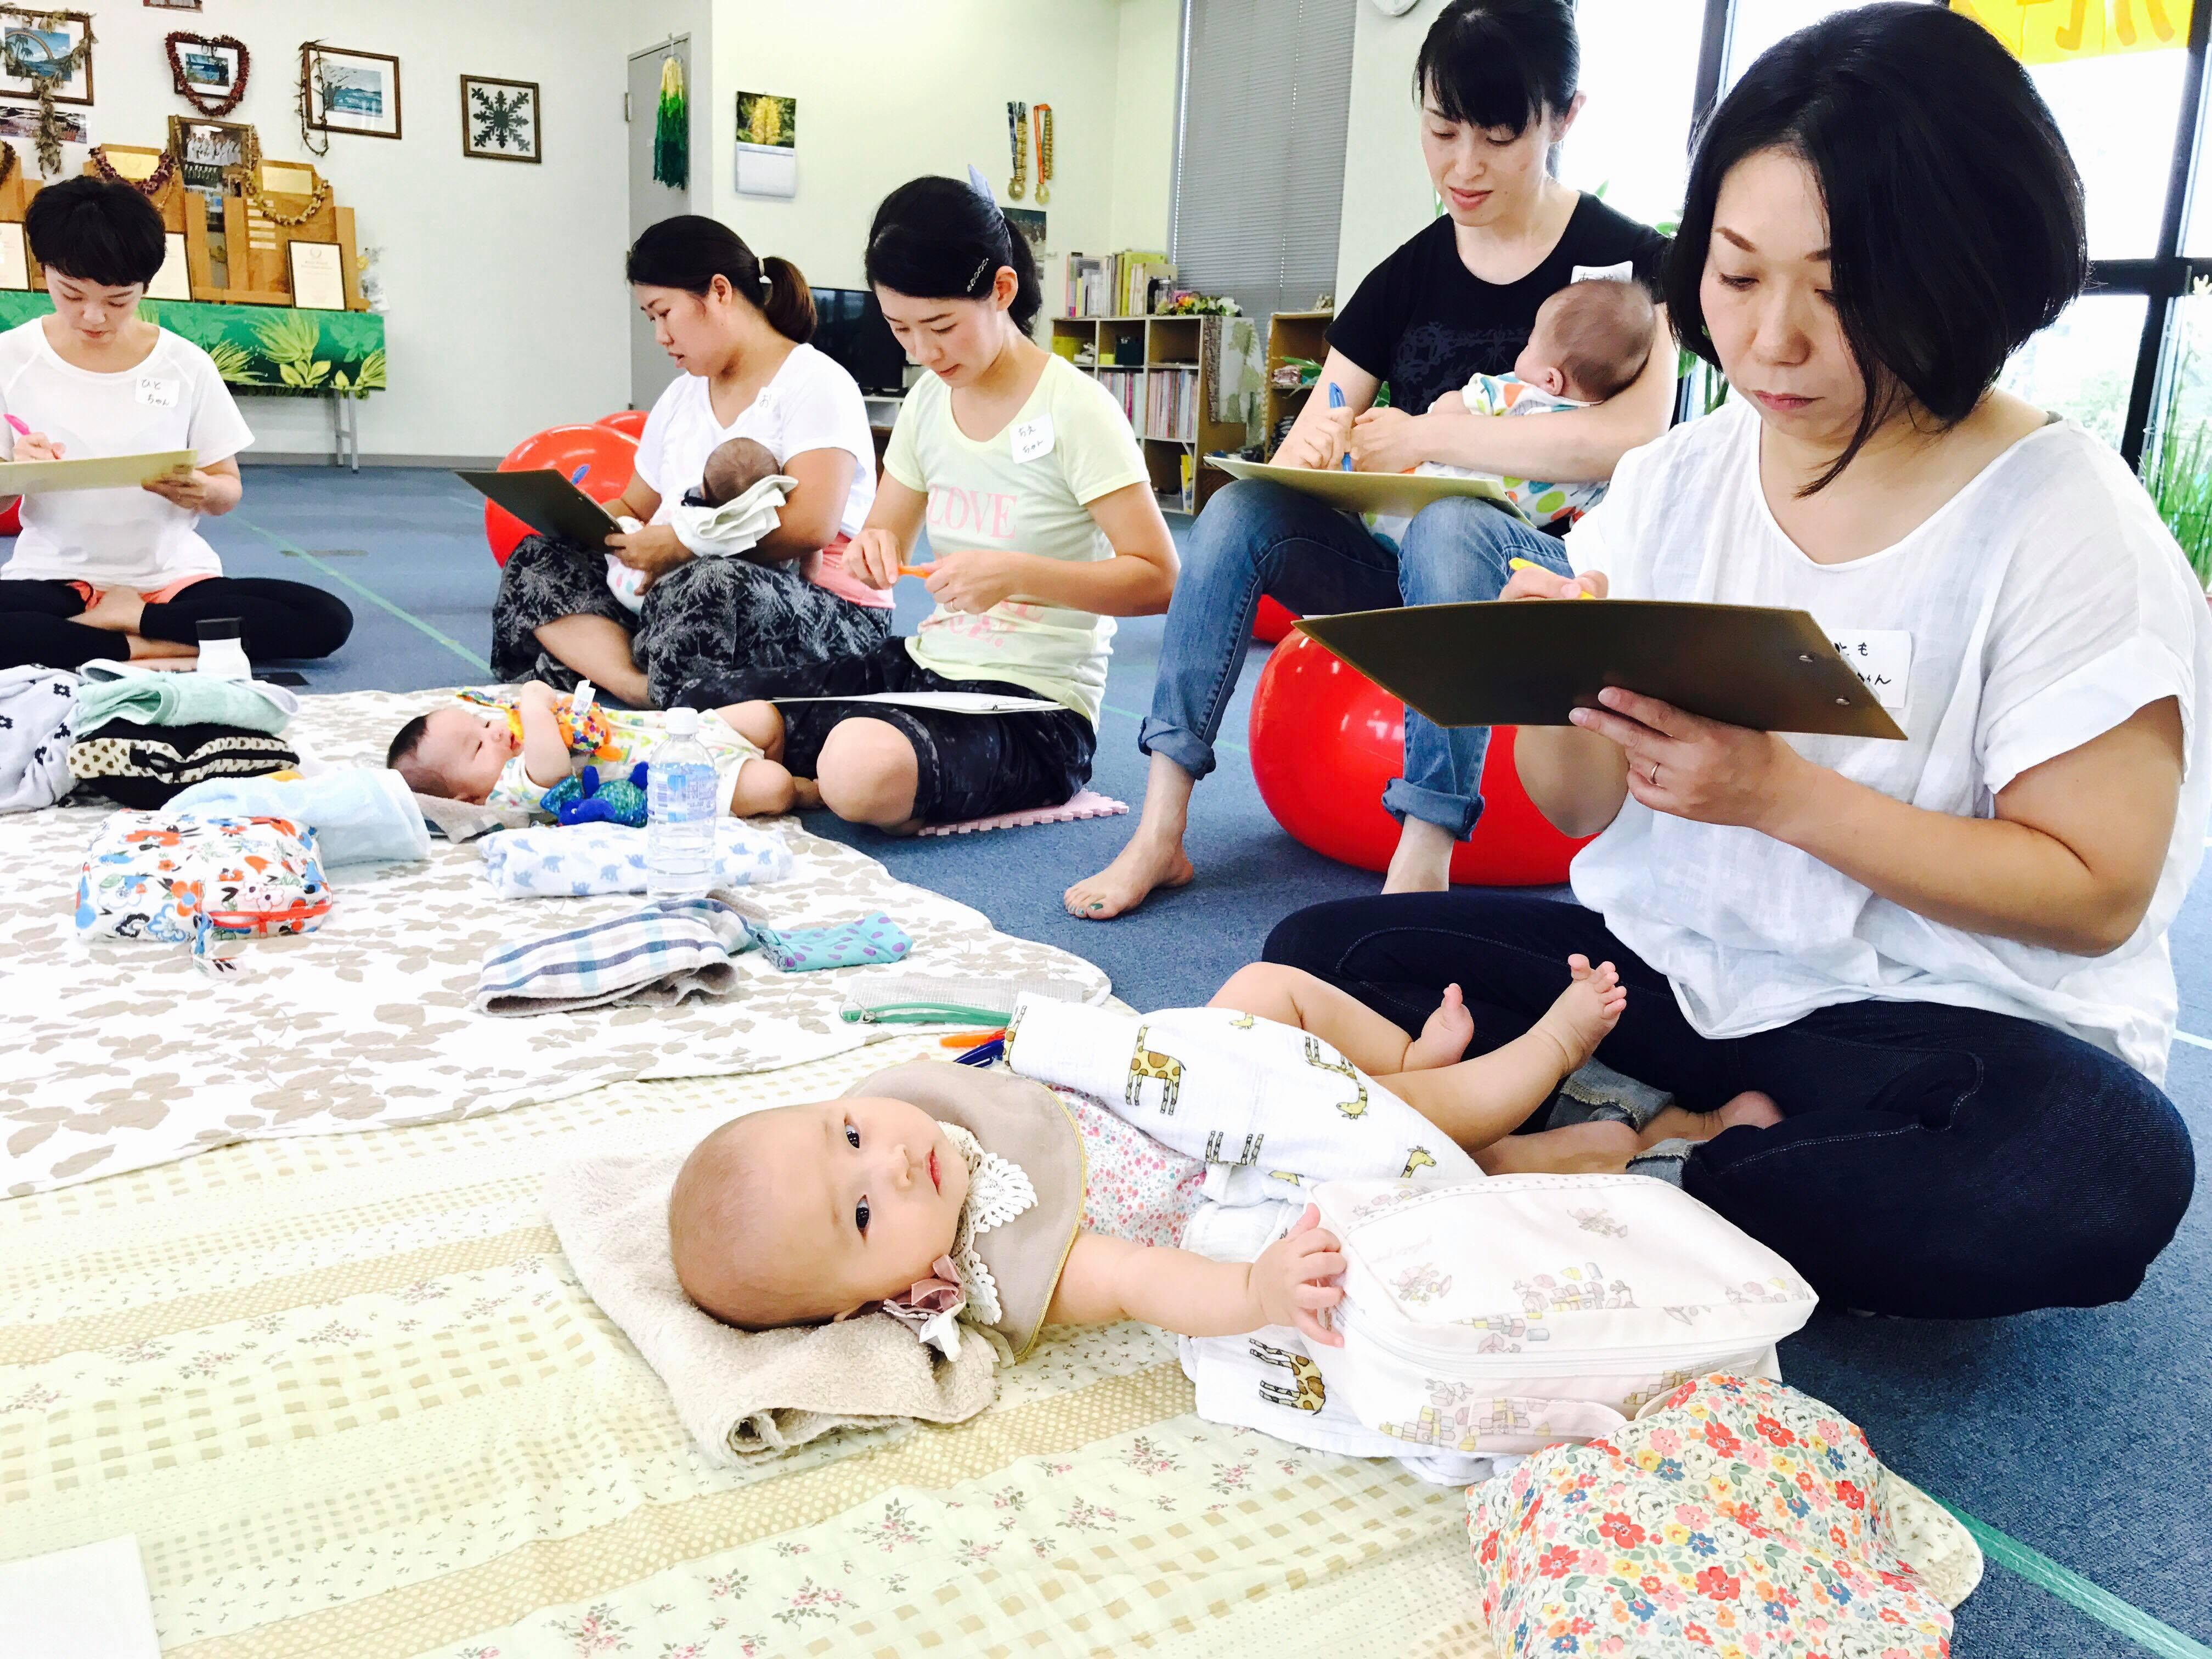 産後こそ、思いを言葉にして、その言葉を自分で聞き、目の前の仲間に聞いてもらって、次に進むのです